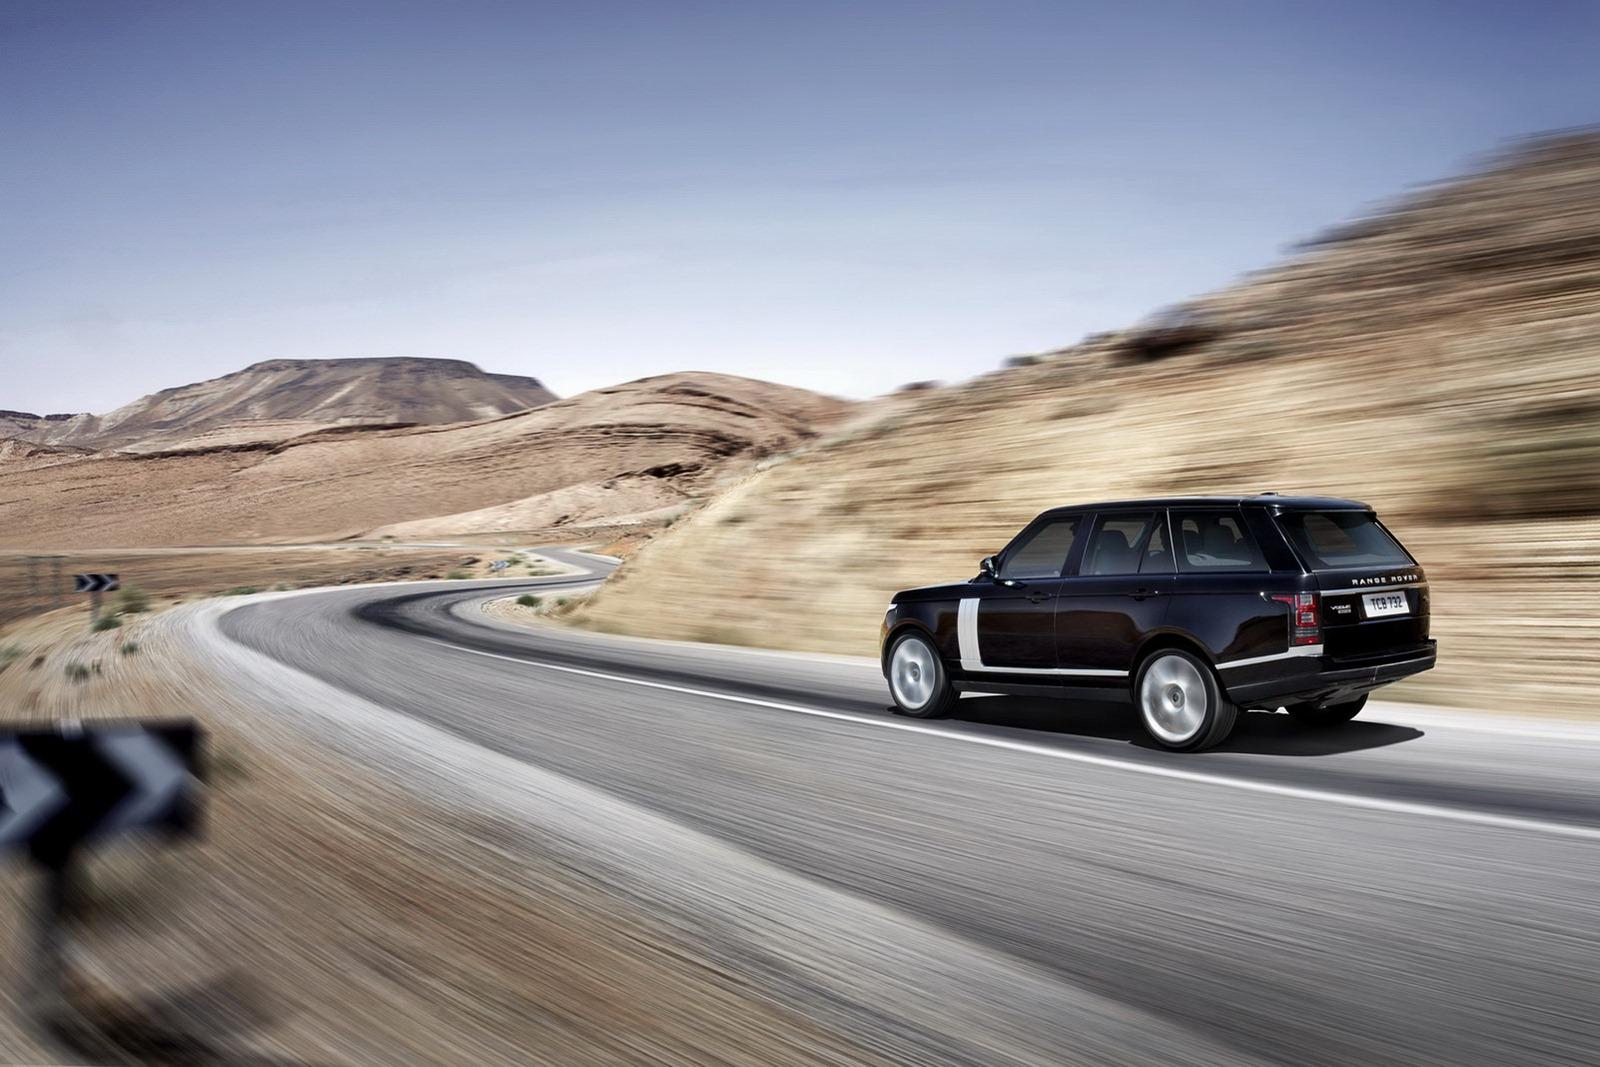 2013-Range-Rover-80%25255B2%25255D.jpg